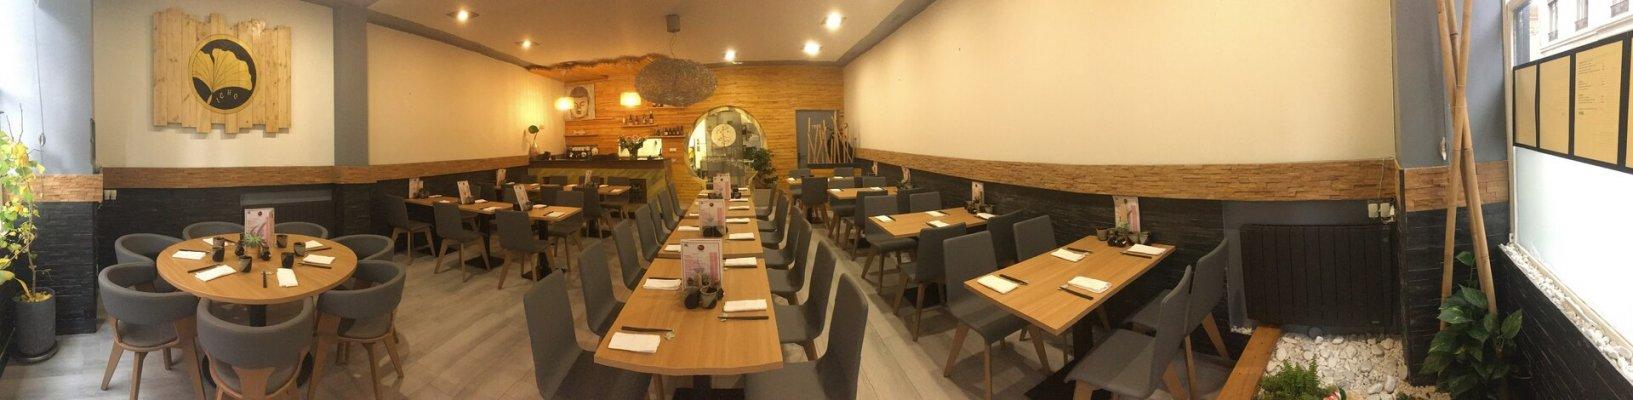 Restaurant ICHO